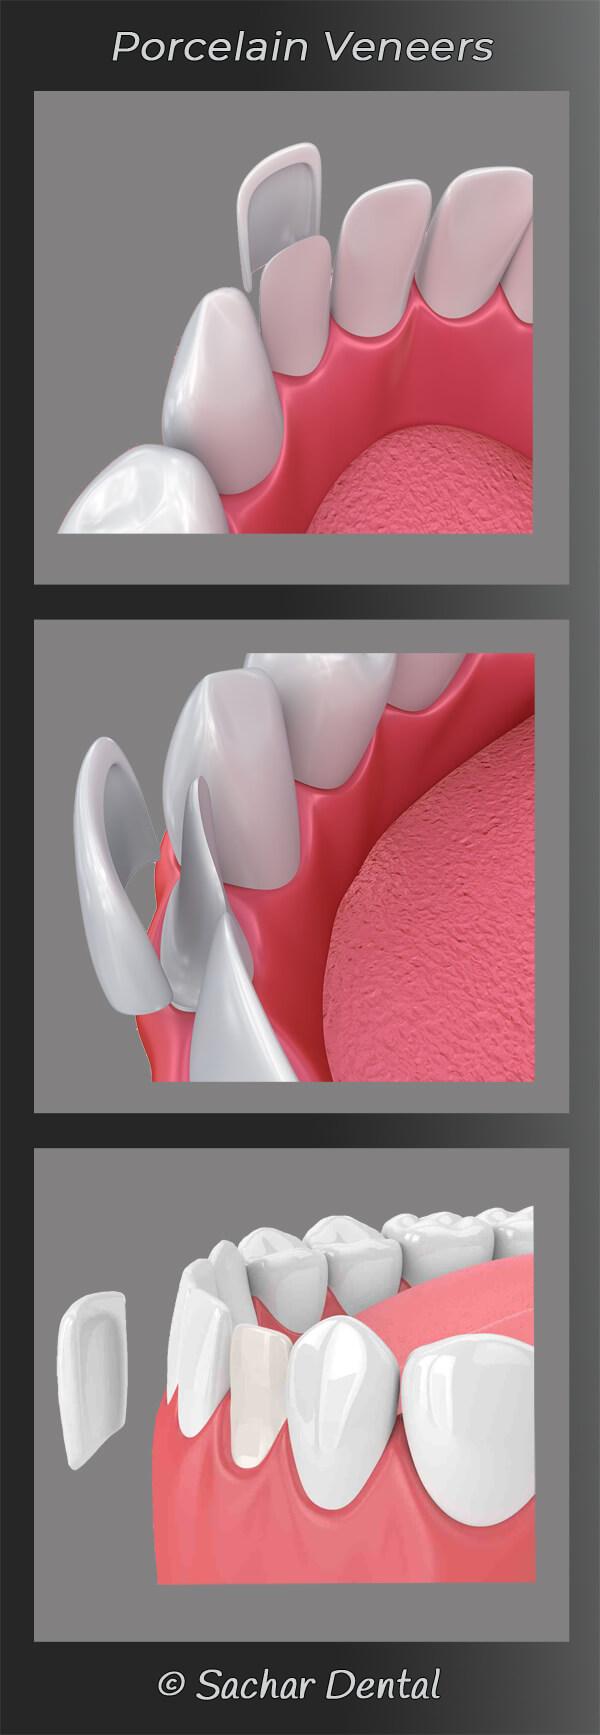 Cosmetic Dentist NYC porcelain veneers diagram